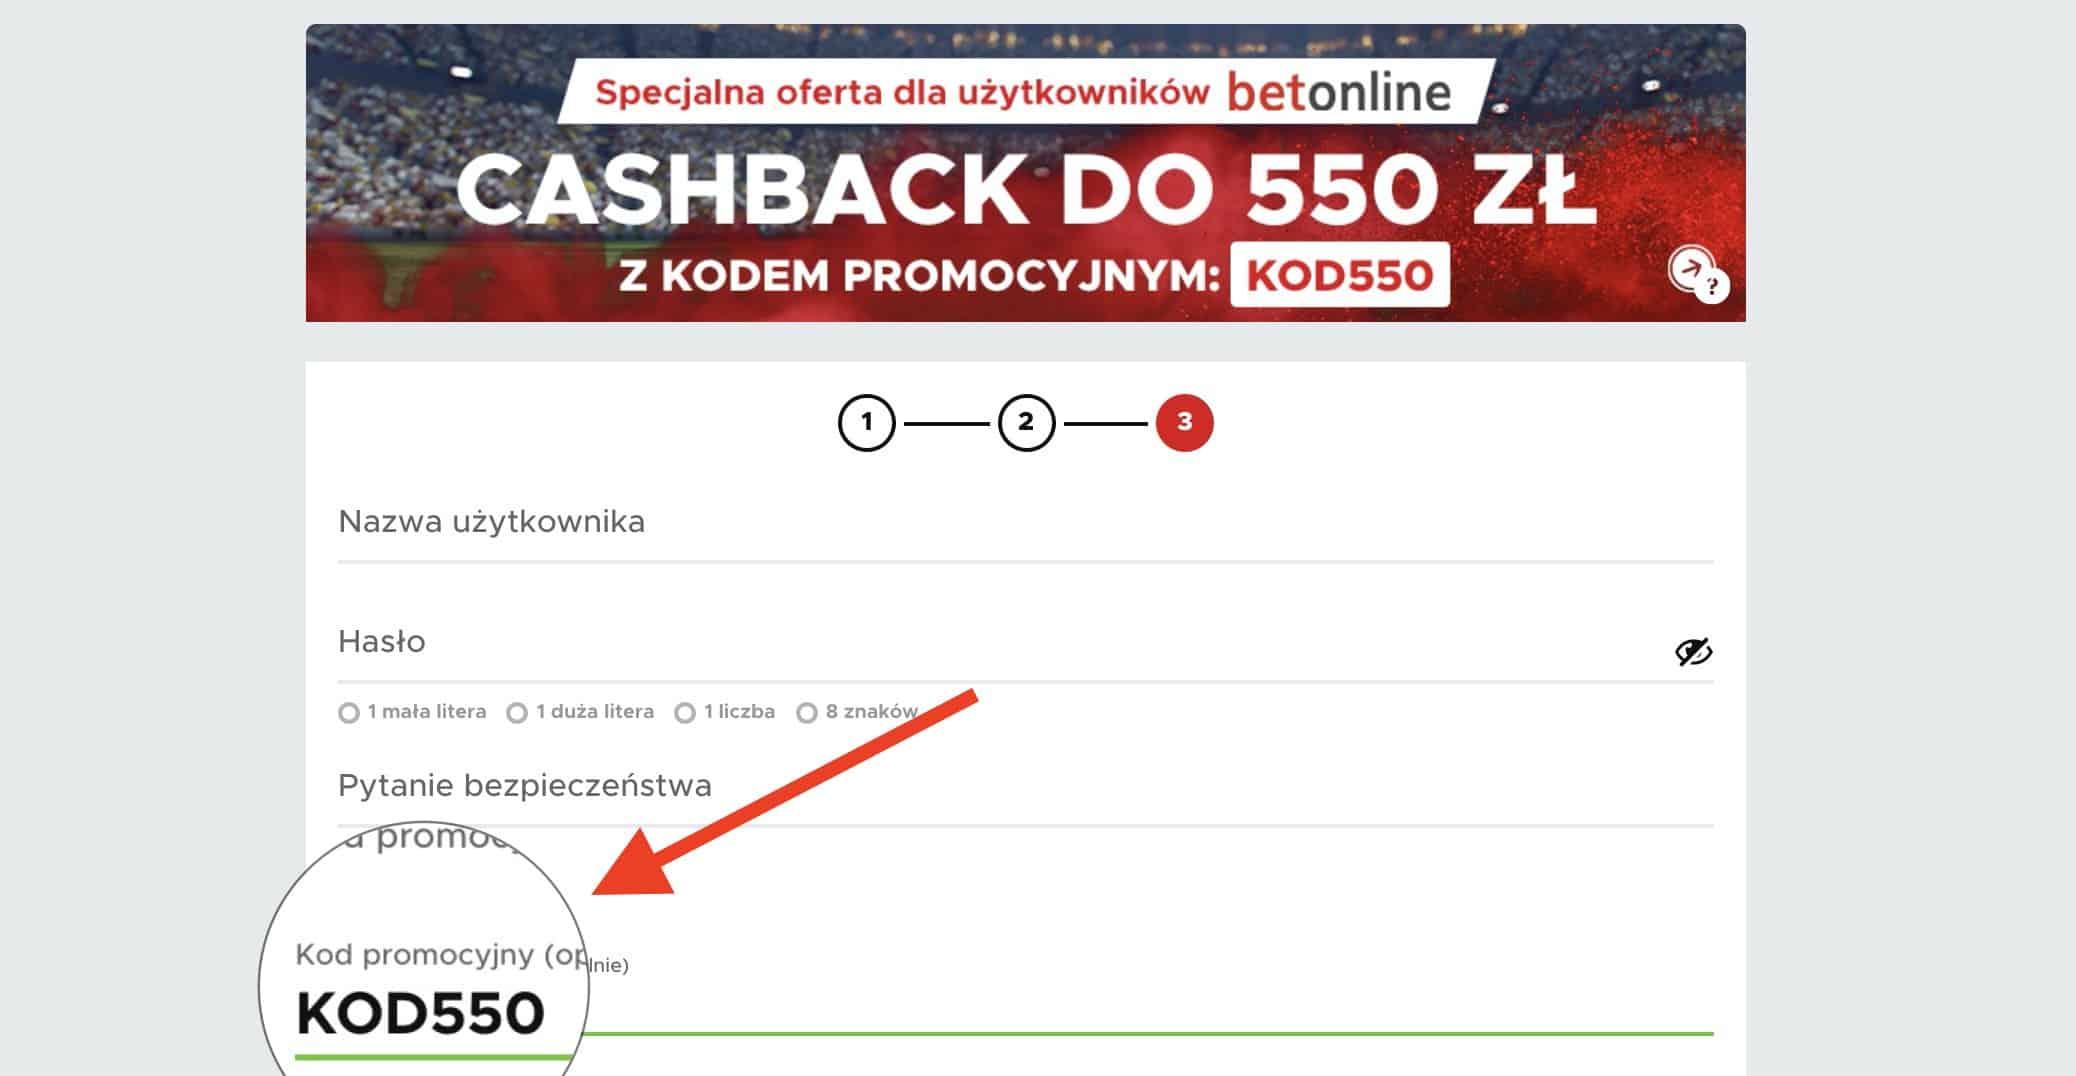 Betclic cashback 2020. Kod promocyjny KOD550! Największy zwrot w Polsce - aż 550 złotych.